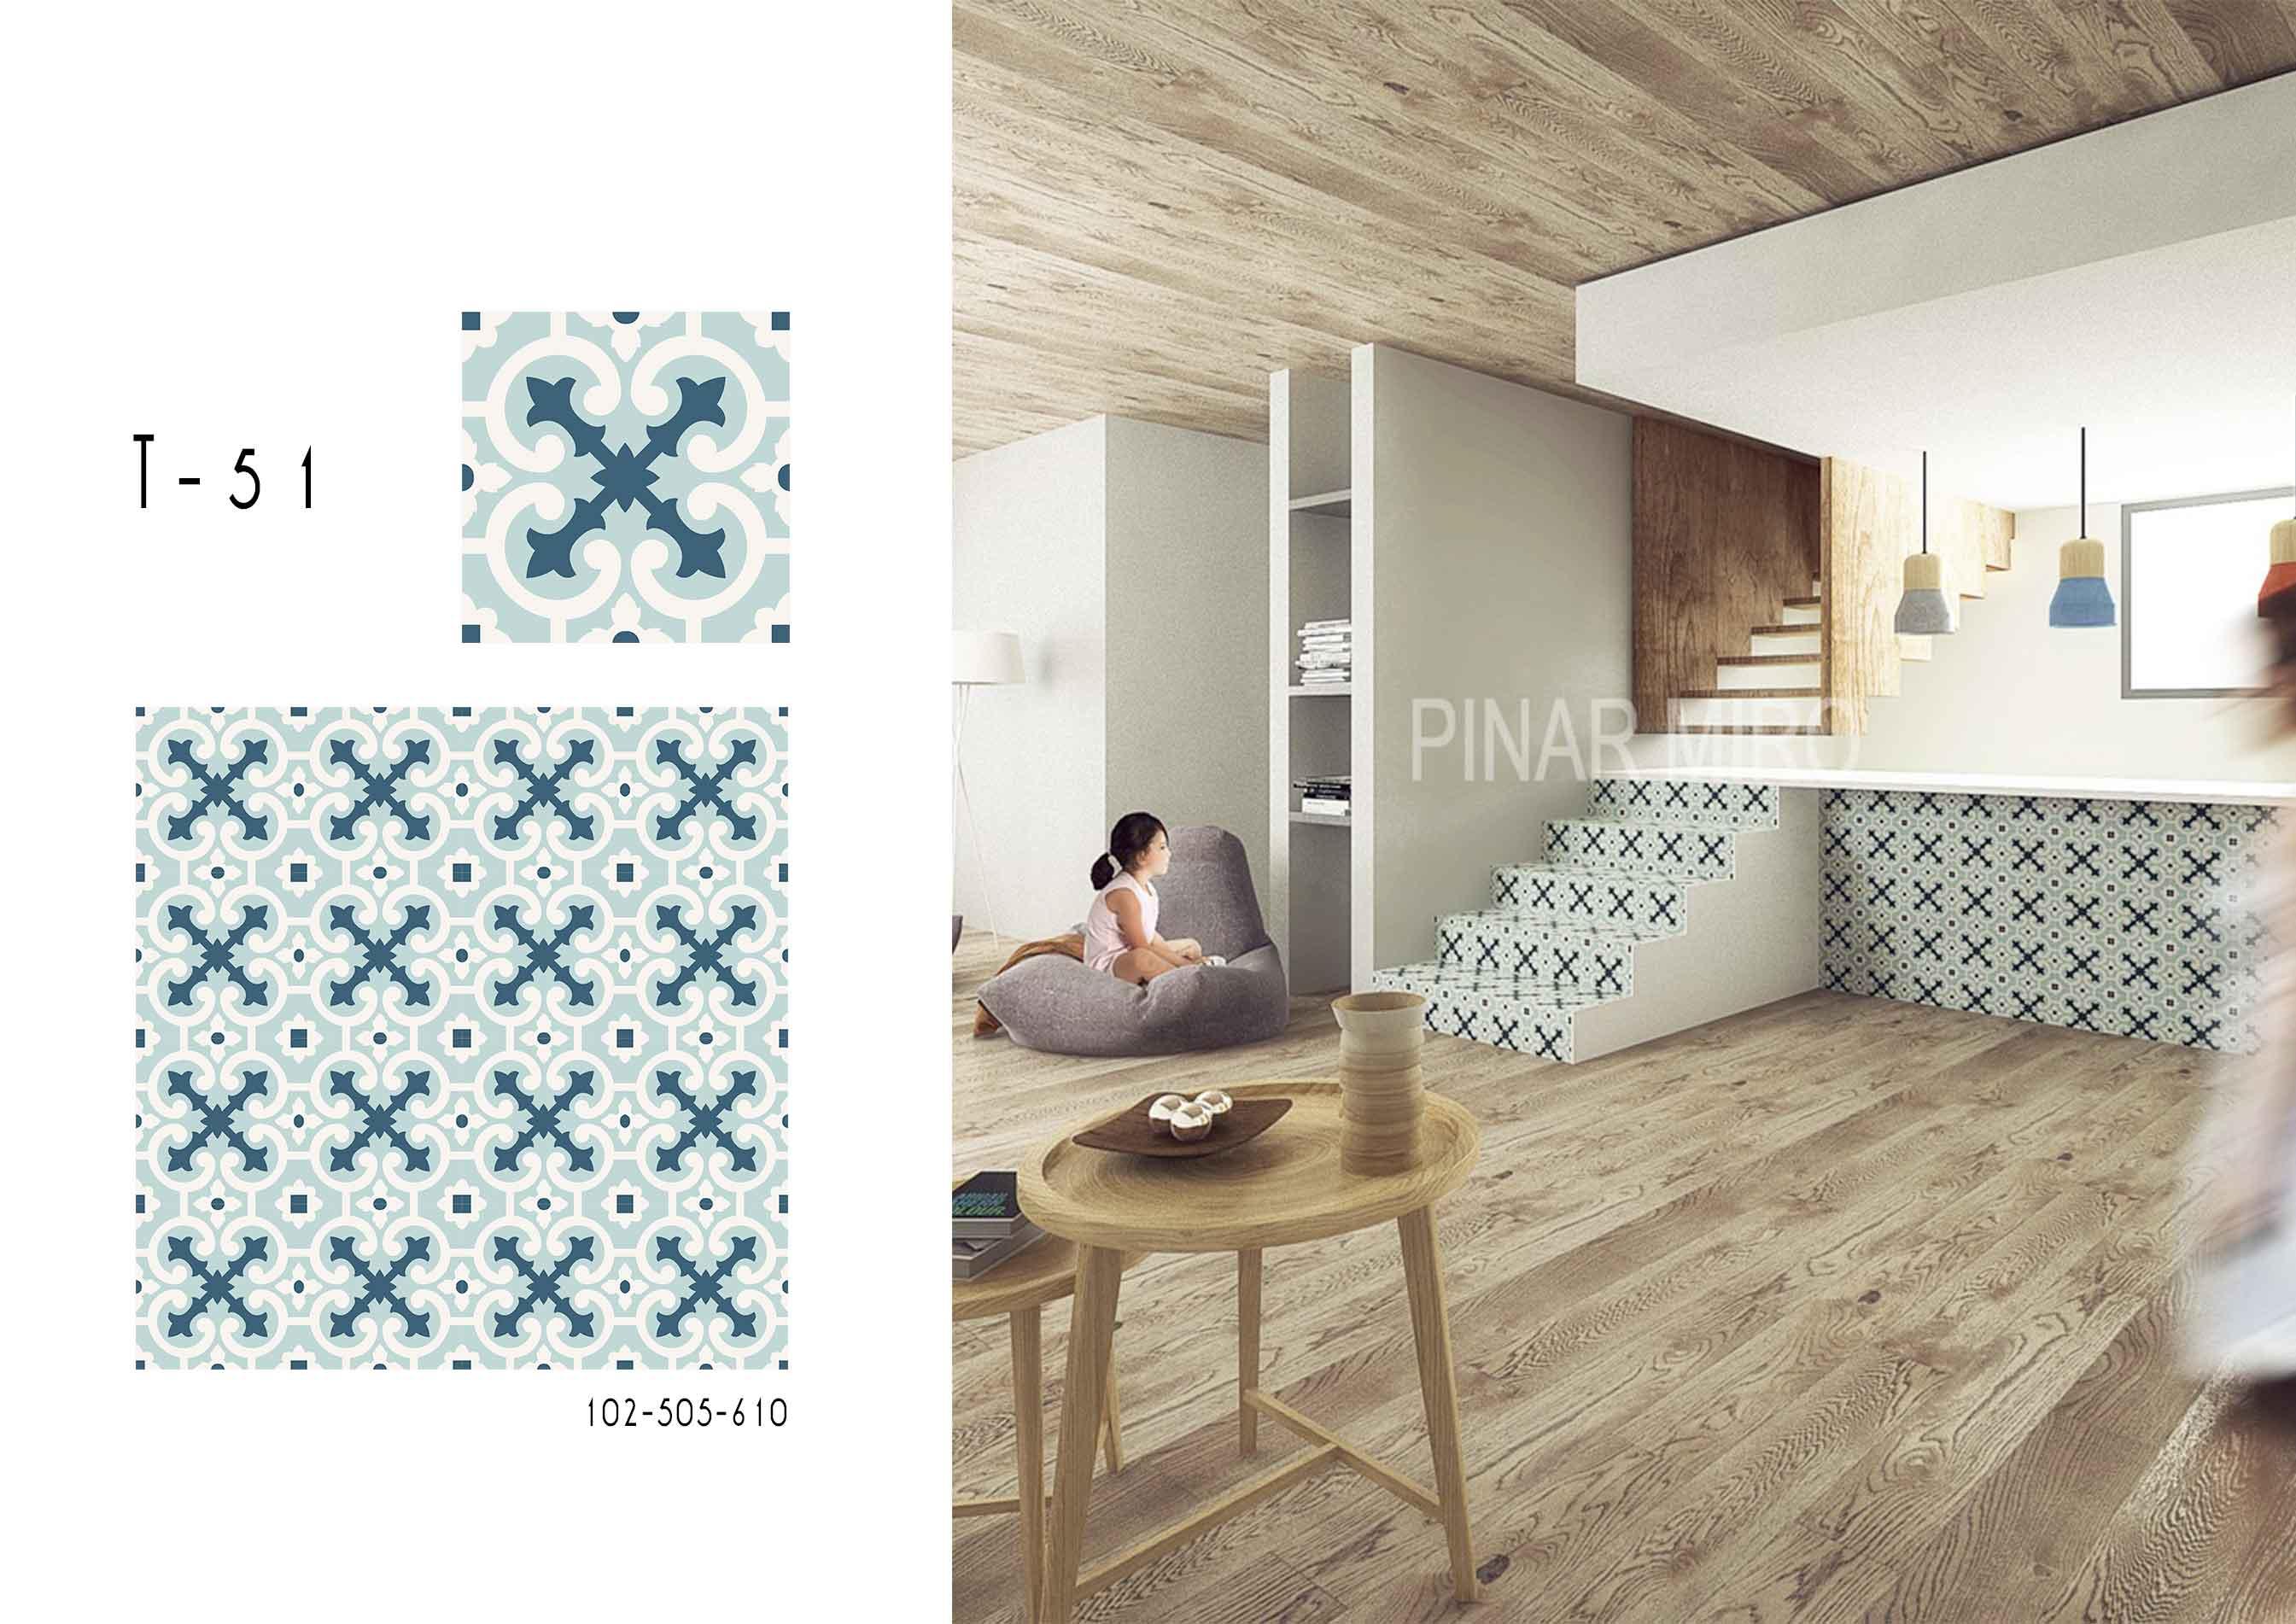 1t051-pinar-miro-cement-tiles